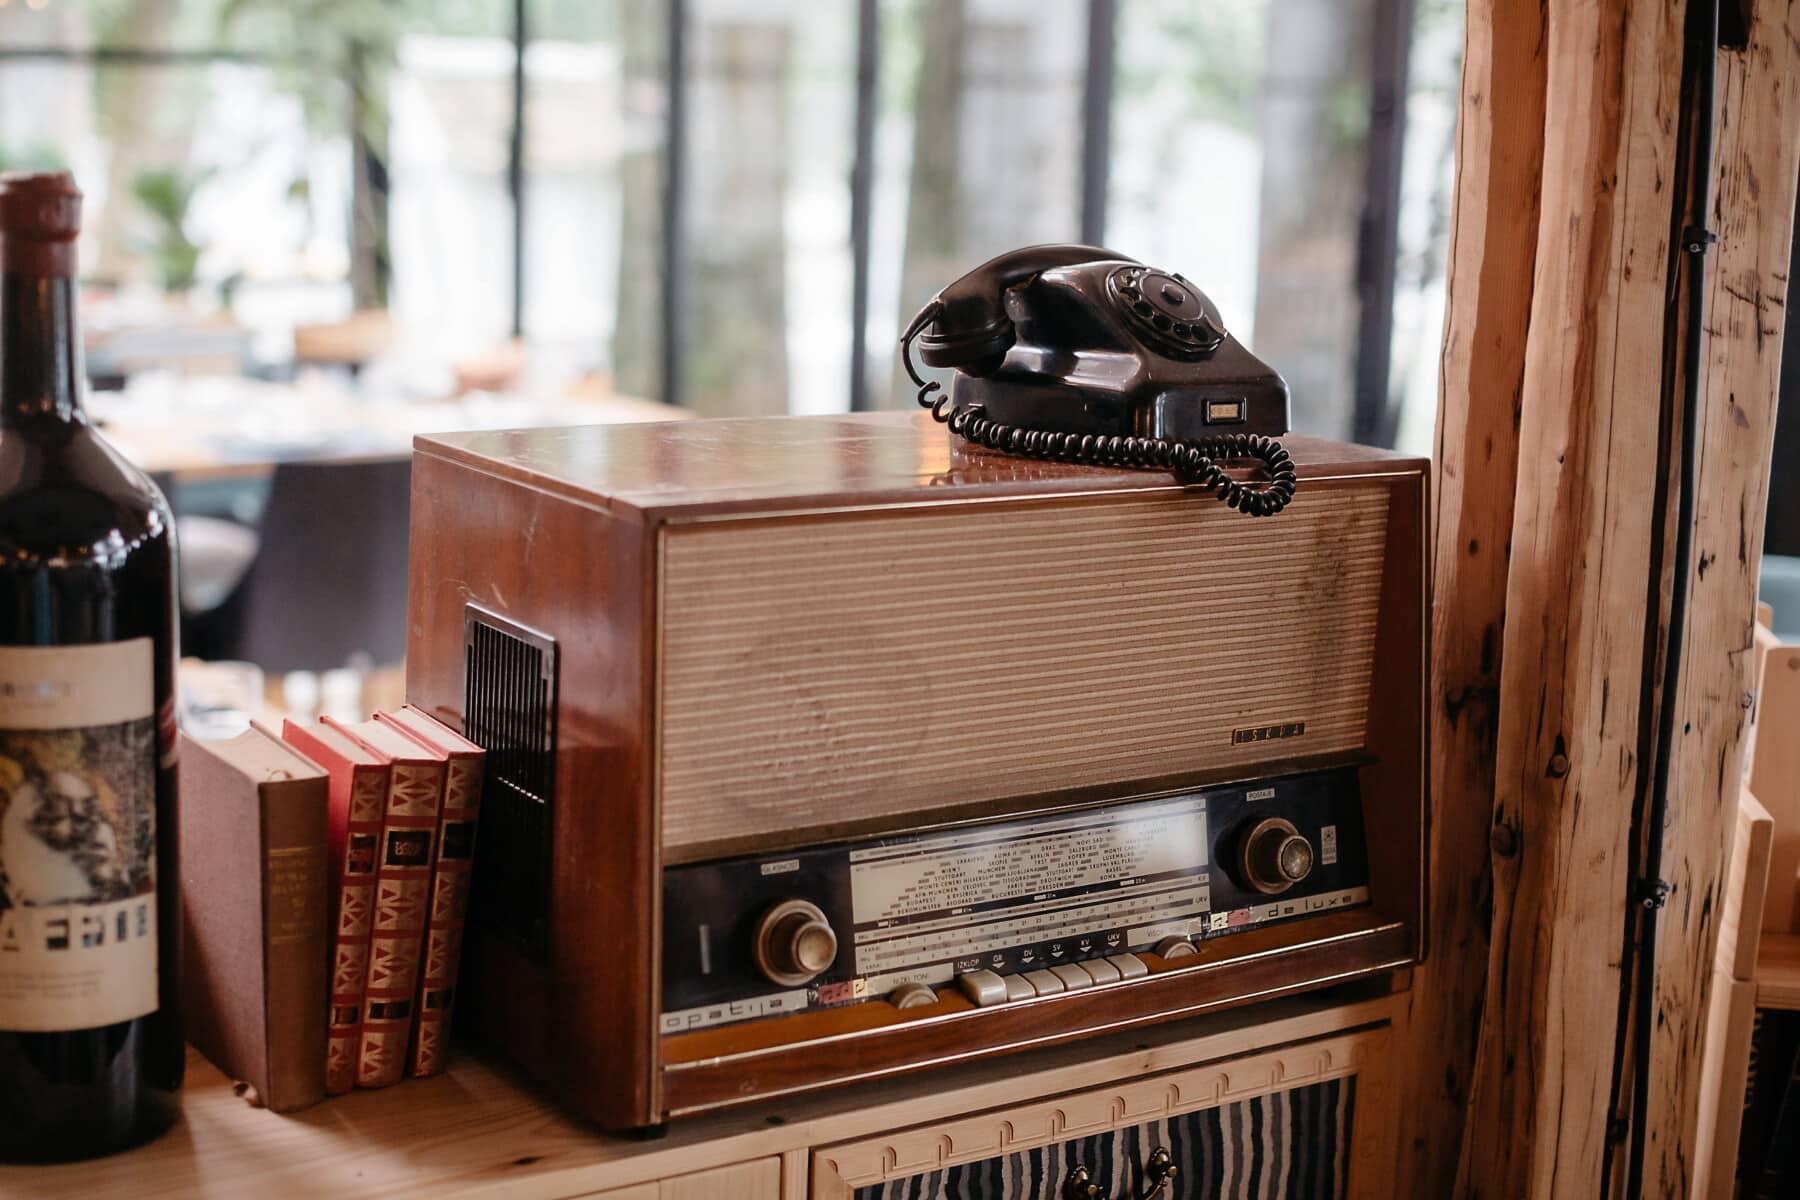 récepteur radio, radio, vintage, fil de téléphone, téléphone, nostalgie, bibliothèque, bois, Retro, vieux